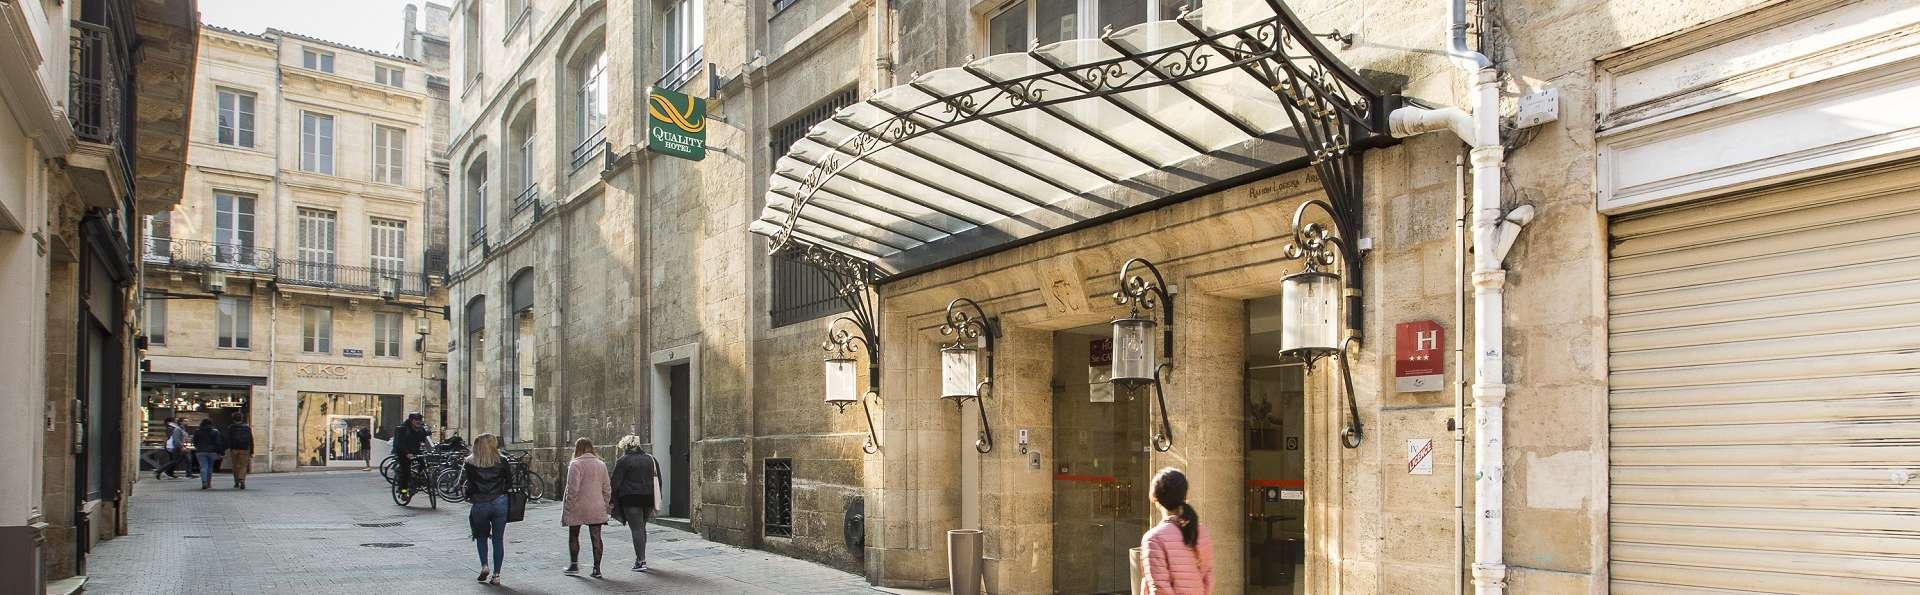 Quality Hotel Bordeaux Centre - EDIT_FRONT.jpg